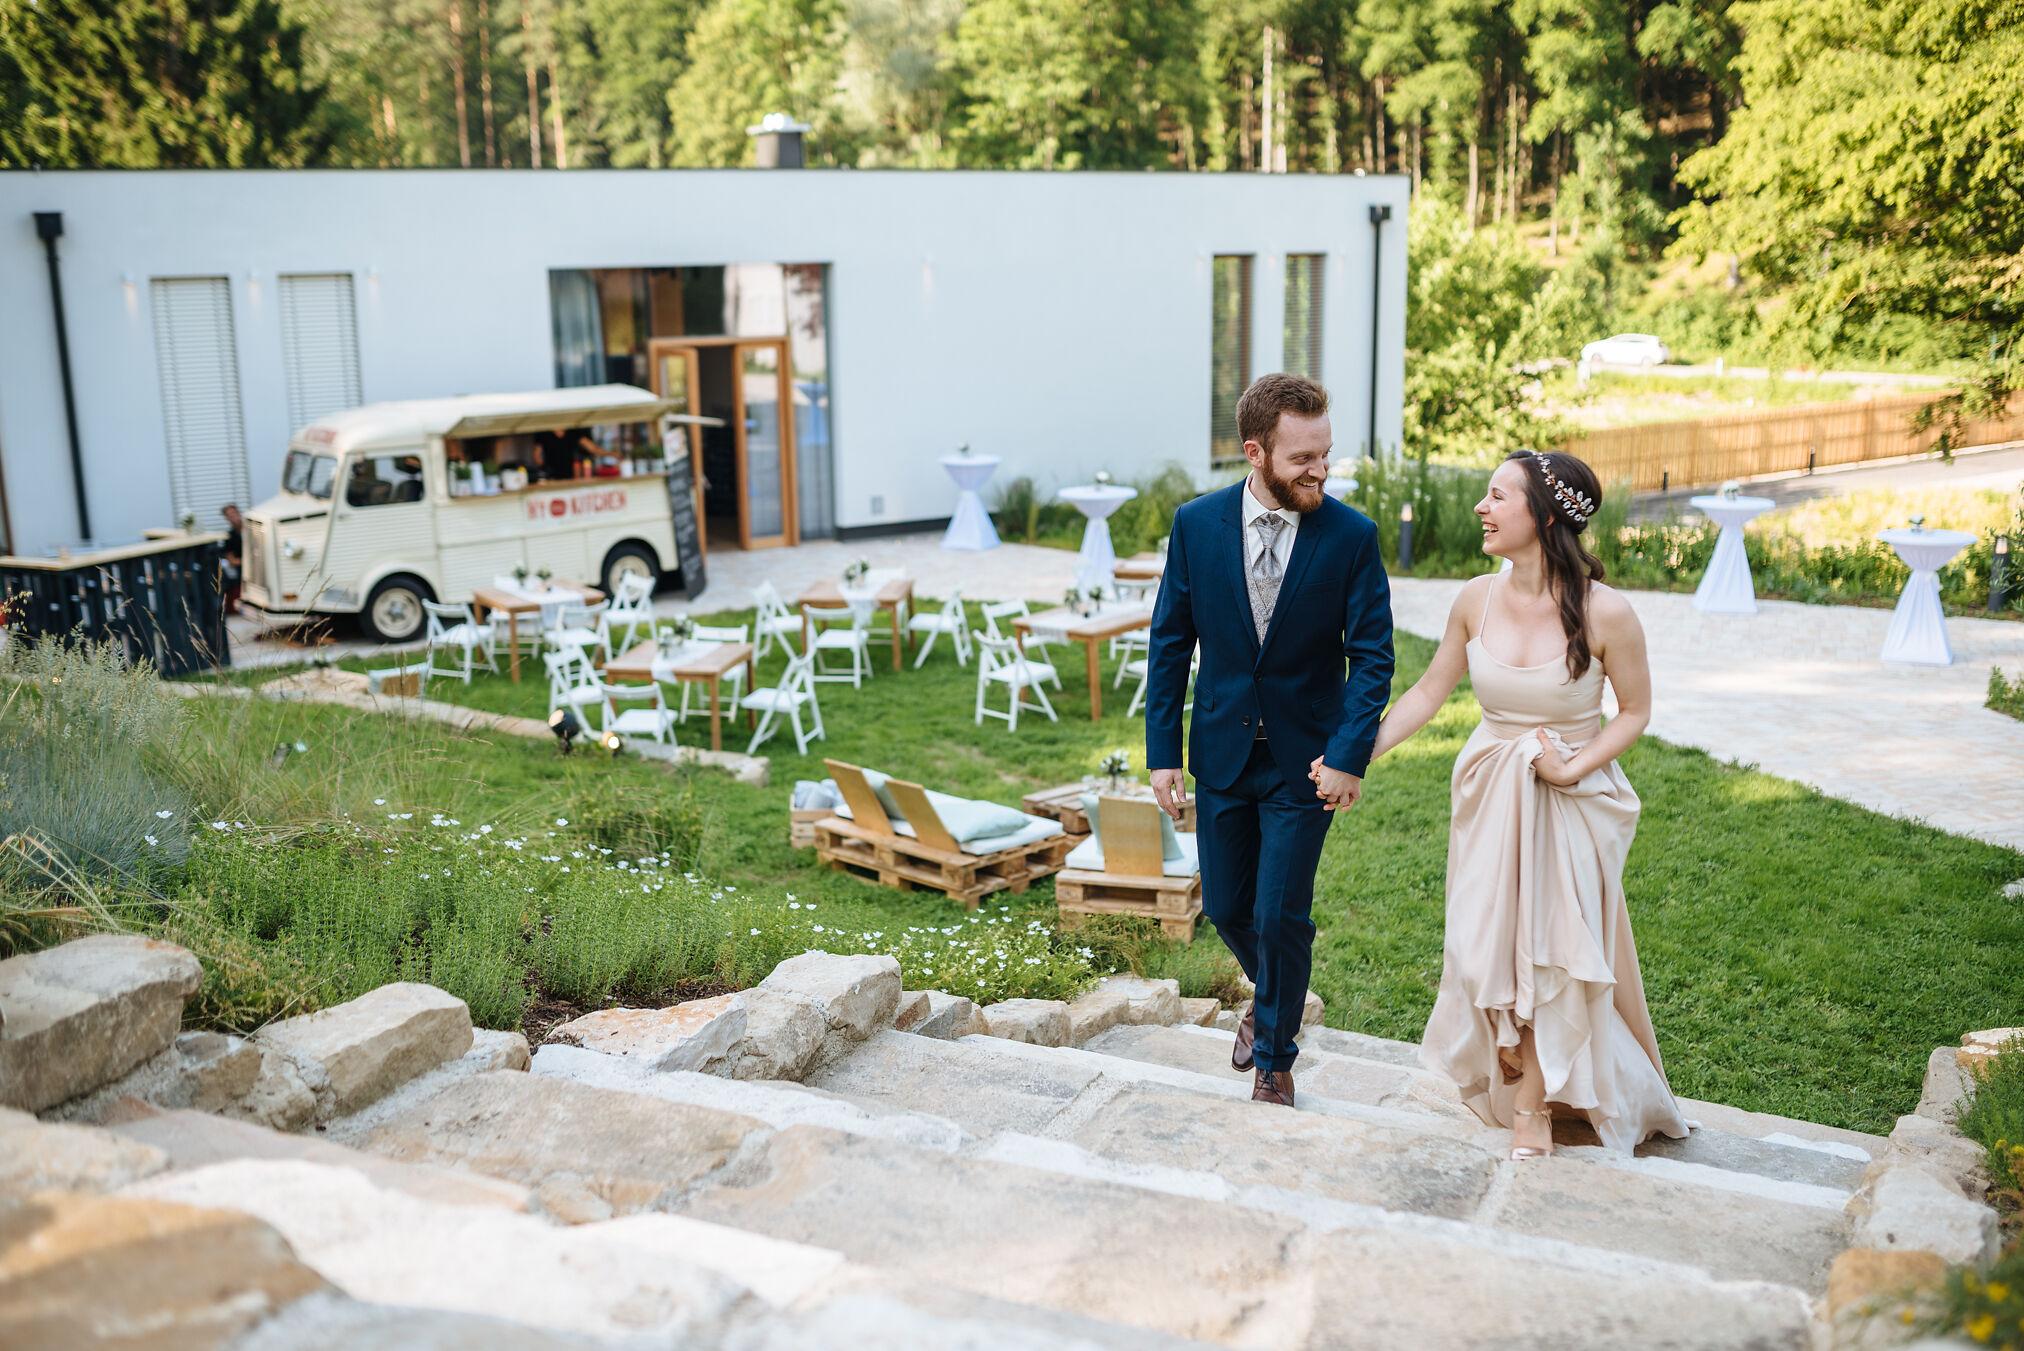 Hochzeit-Garten-Denoti-19.jpg